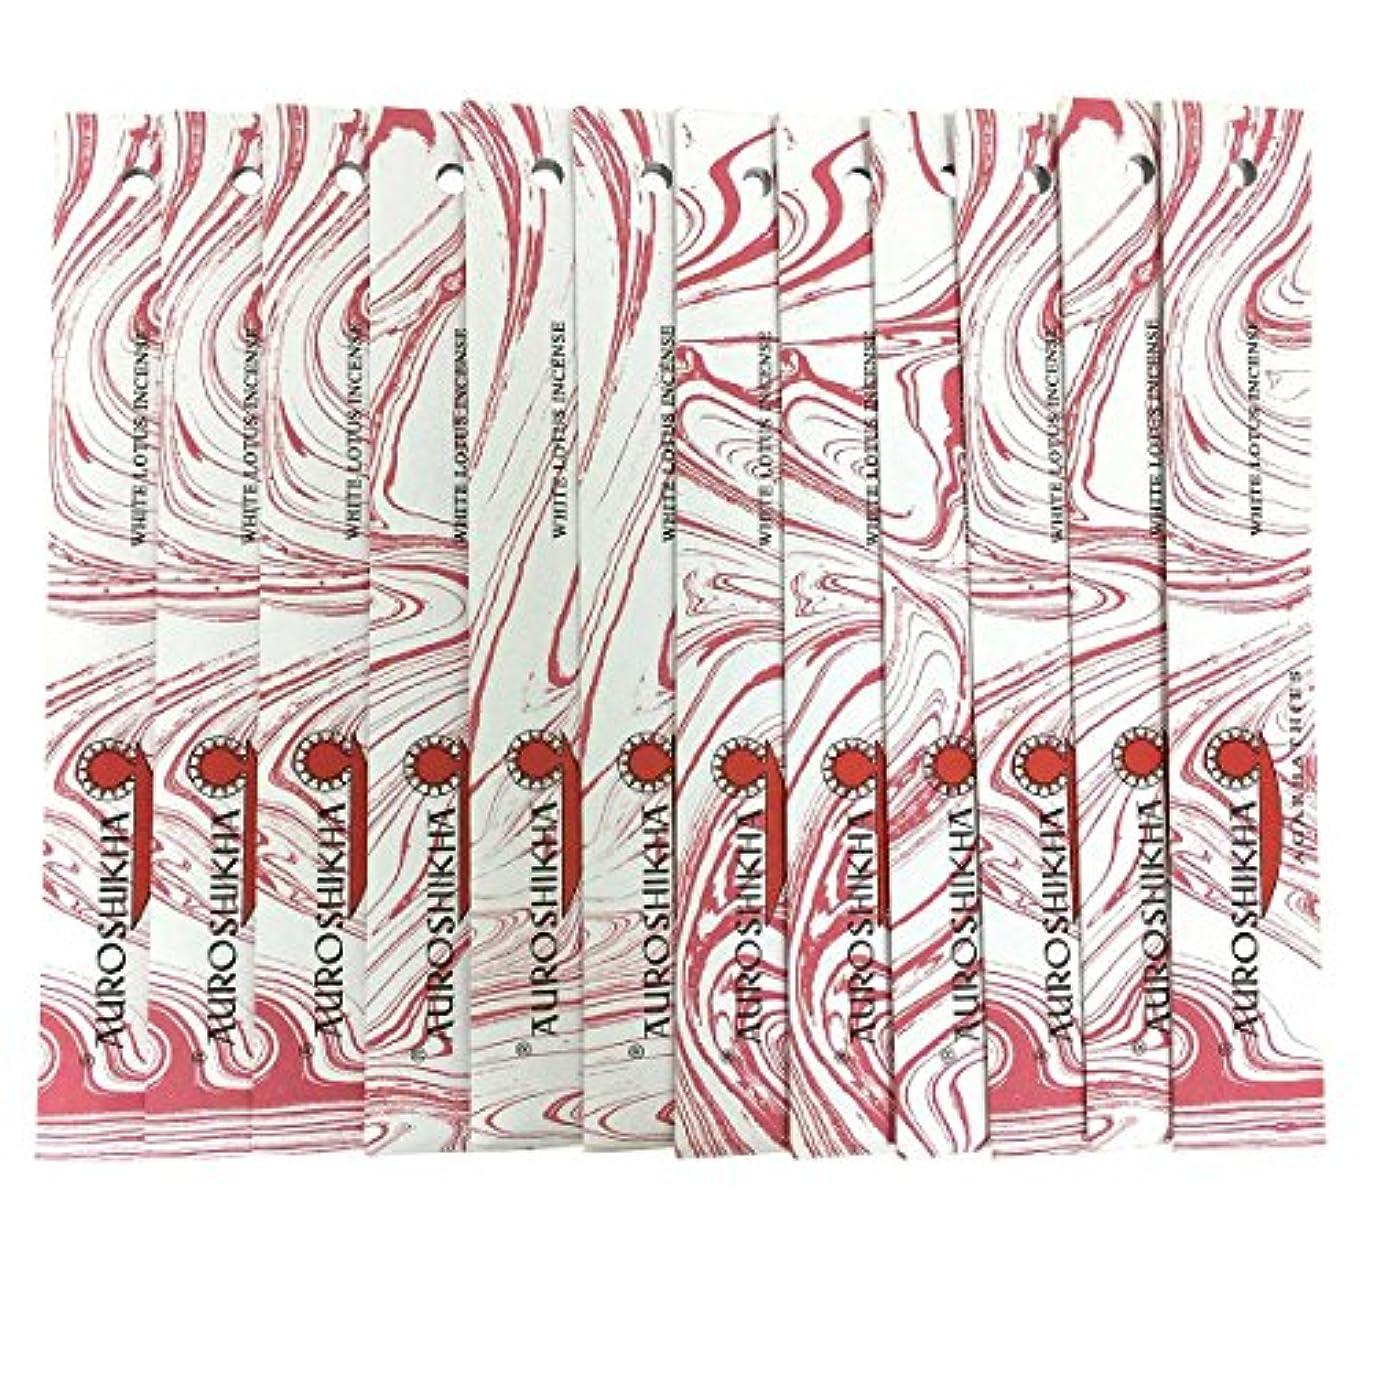 親ボールオーブンAUROSHIKHA オウロシカ(WHITE LOTUSホワイトロータス12個セット) マーブルパッケージスティック 送料無料